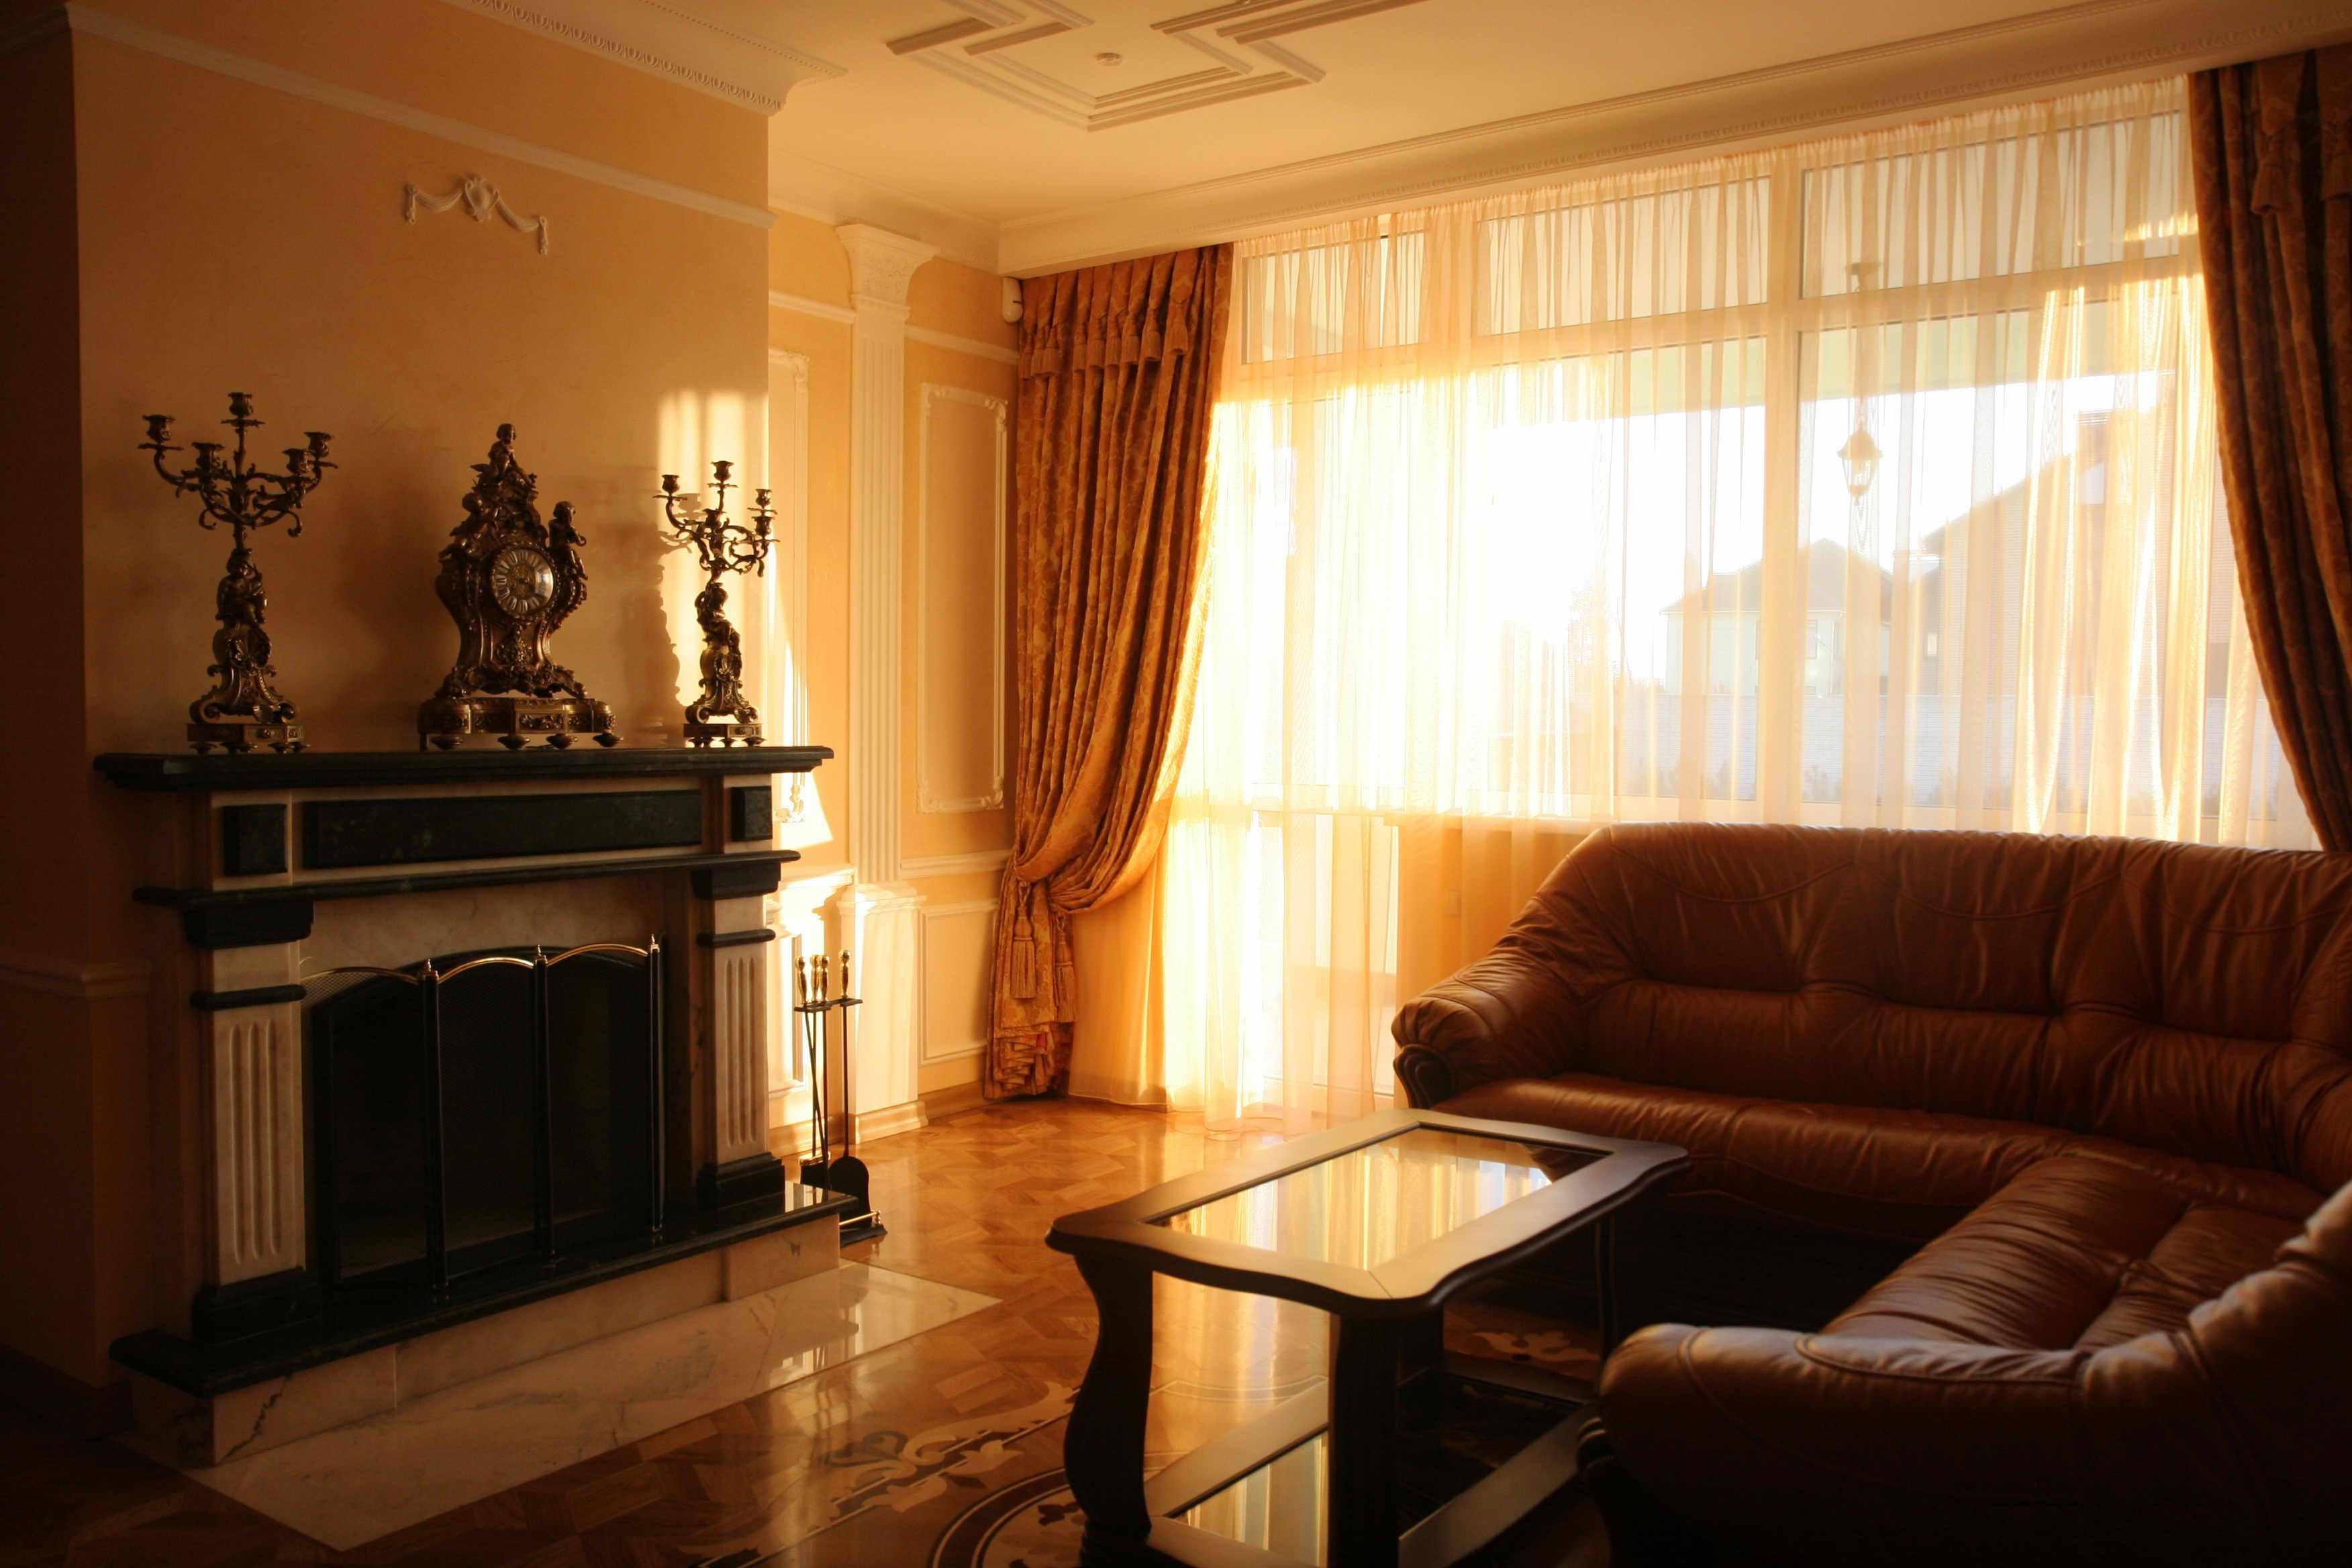 пример использования светлого интерьера гостиной комнаты с камином